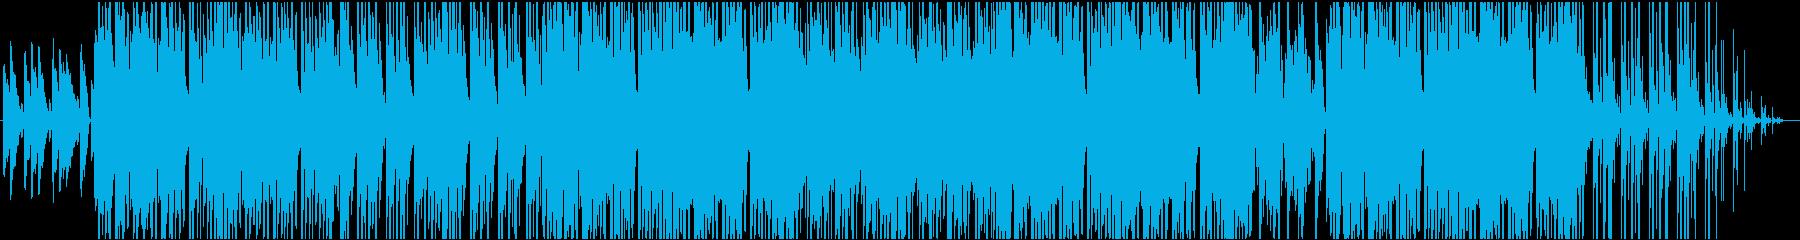 アンニュイな洋楽バラード【リアーナ風】の再生済みの波形